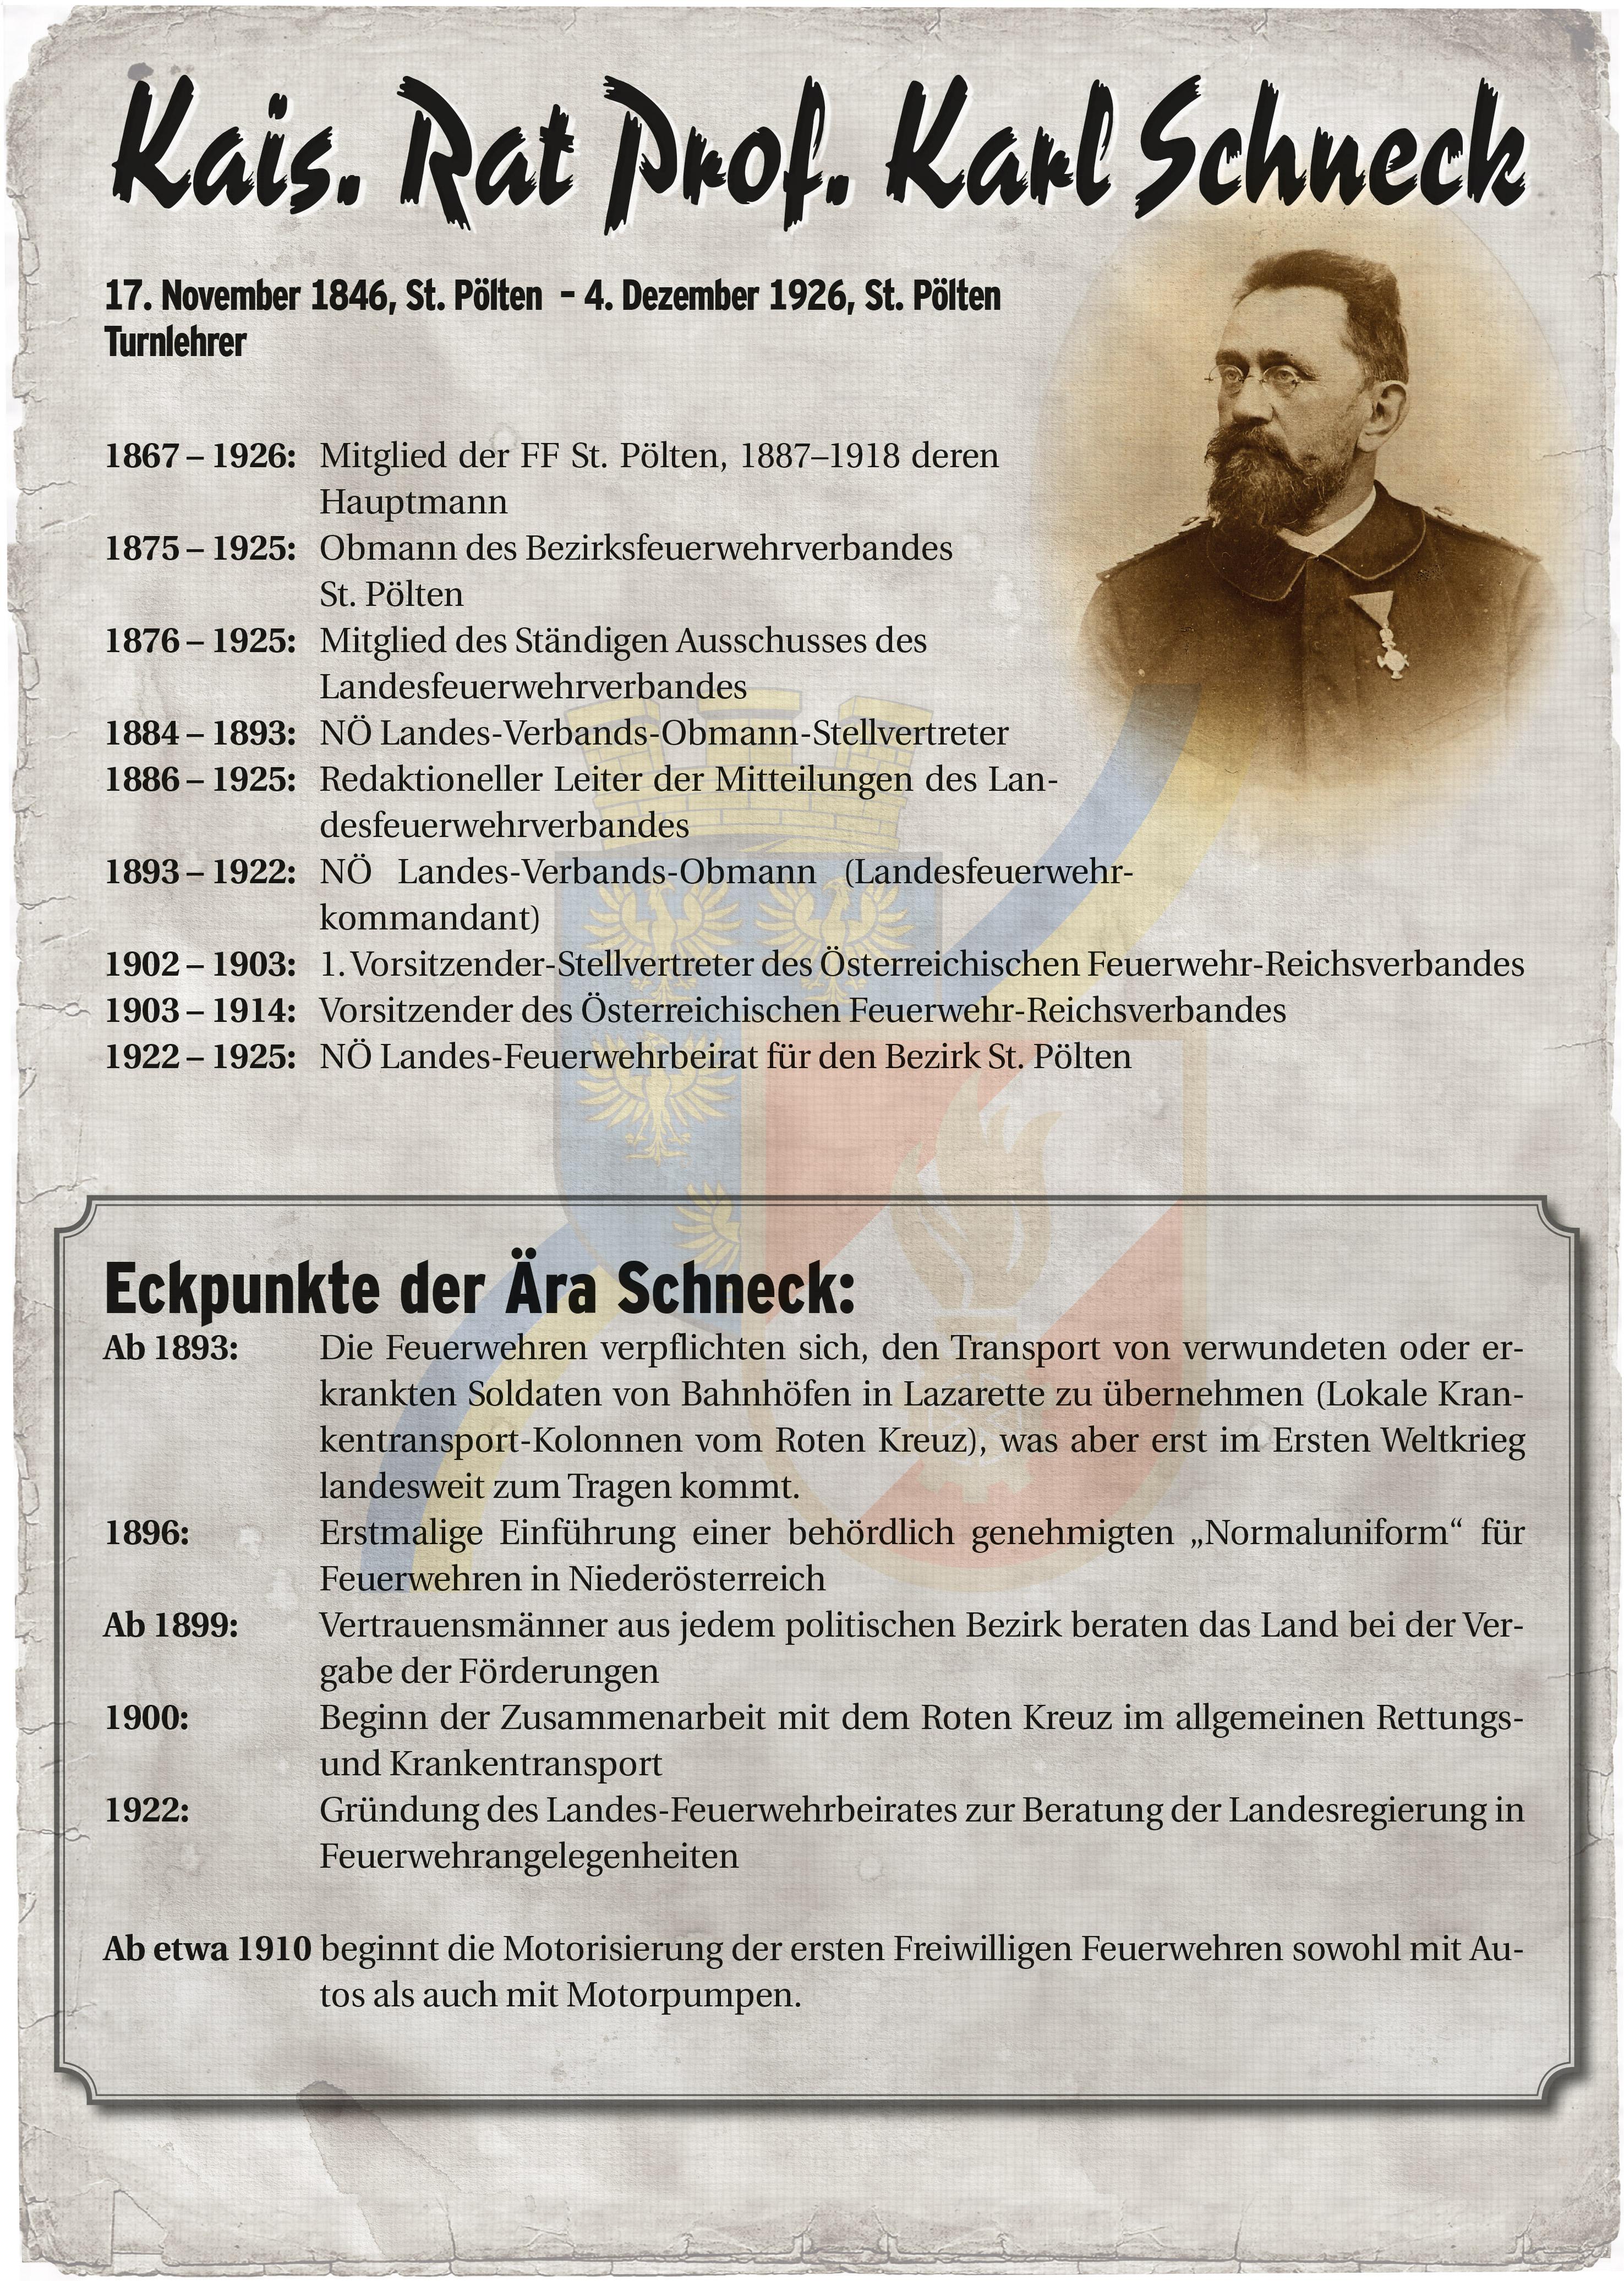 Infoblatt zur Zeit von Karl Schneck